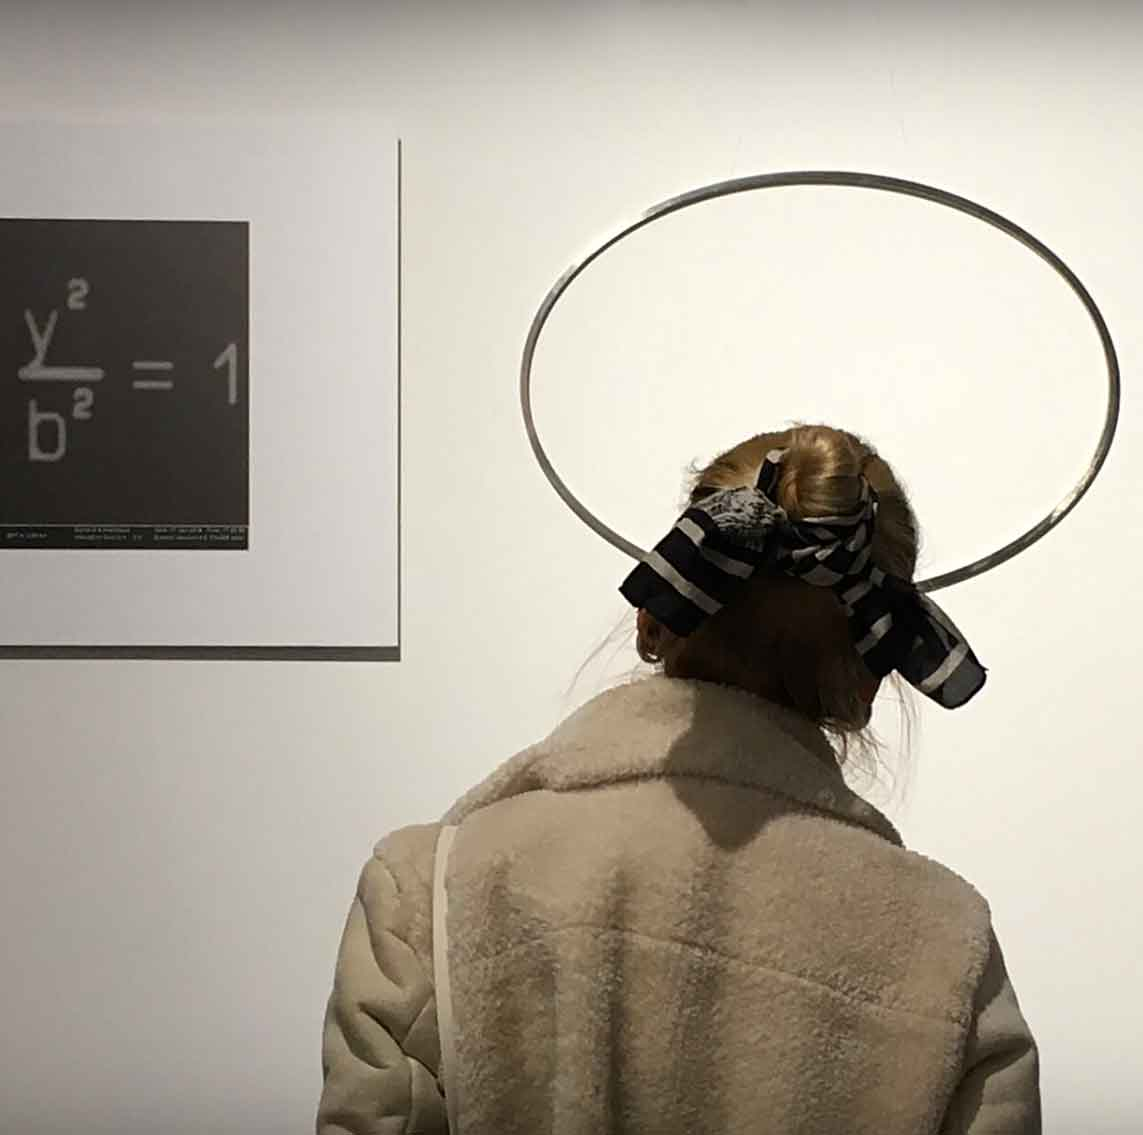 Artiștii și cercetătorii din cadrul Fusion AIR 2021 își prezintă public temele de cercetare și creație